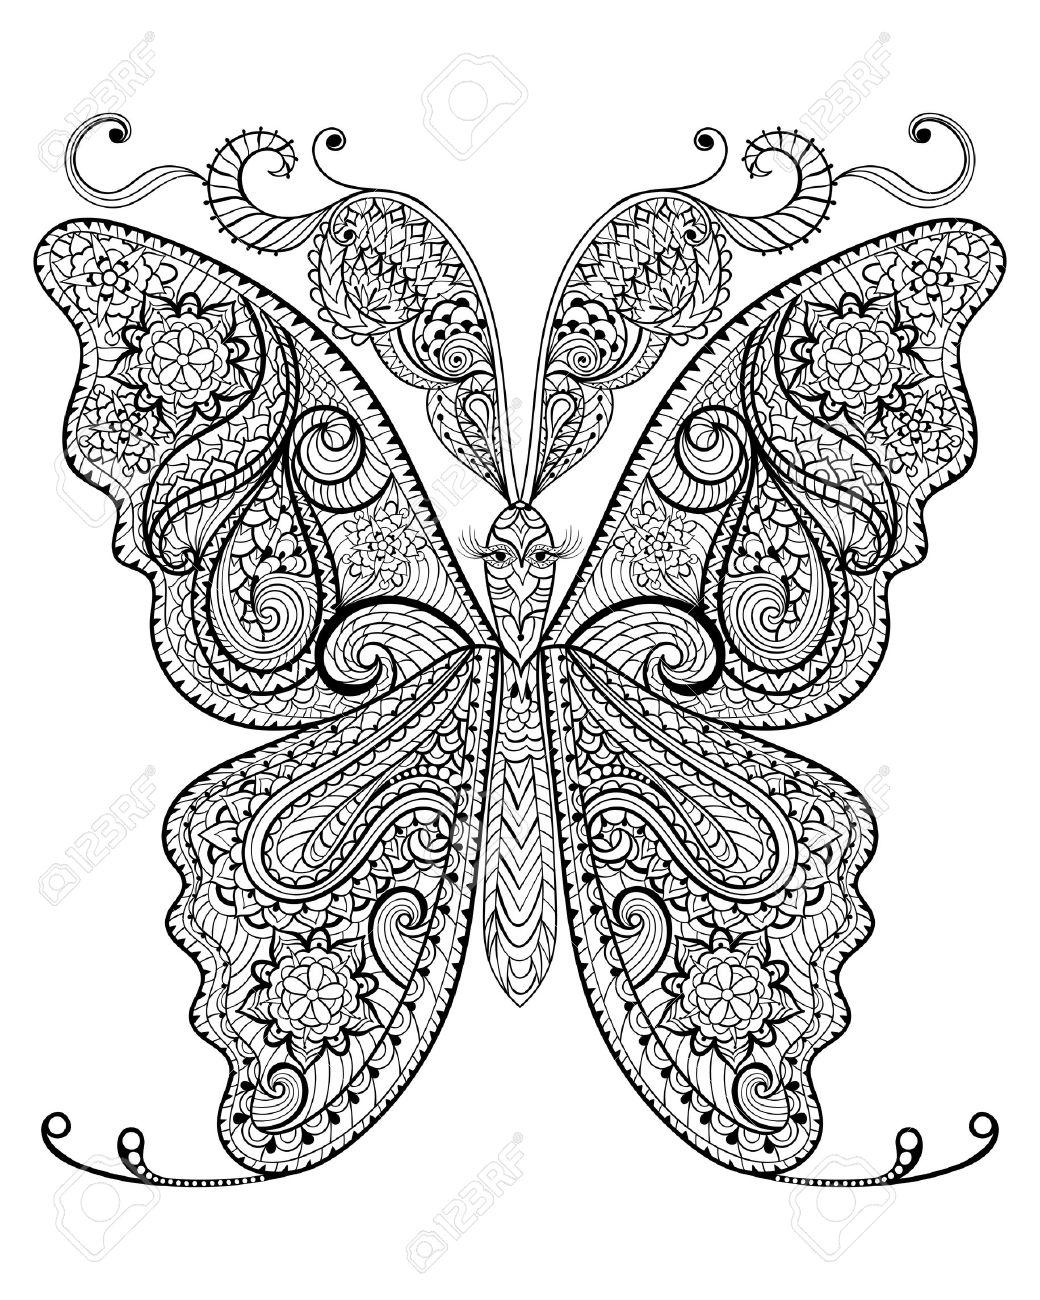 Kleurplaten Vlinder Hoedje.Nieuw Kleurplaat Van Een Vlinder Krijg Duizenden Kleurenfoto S Van